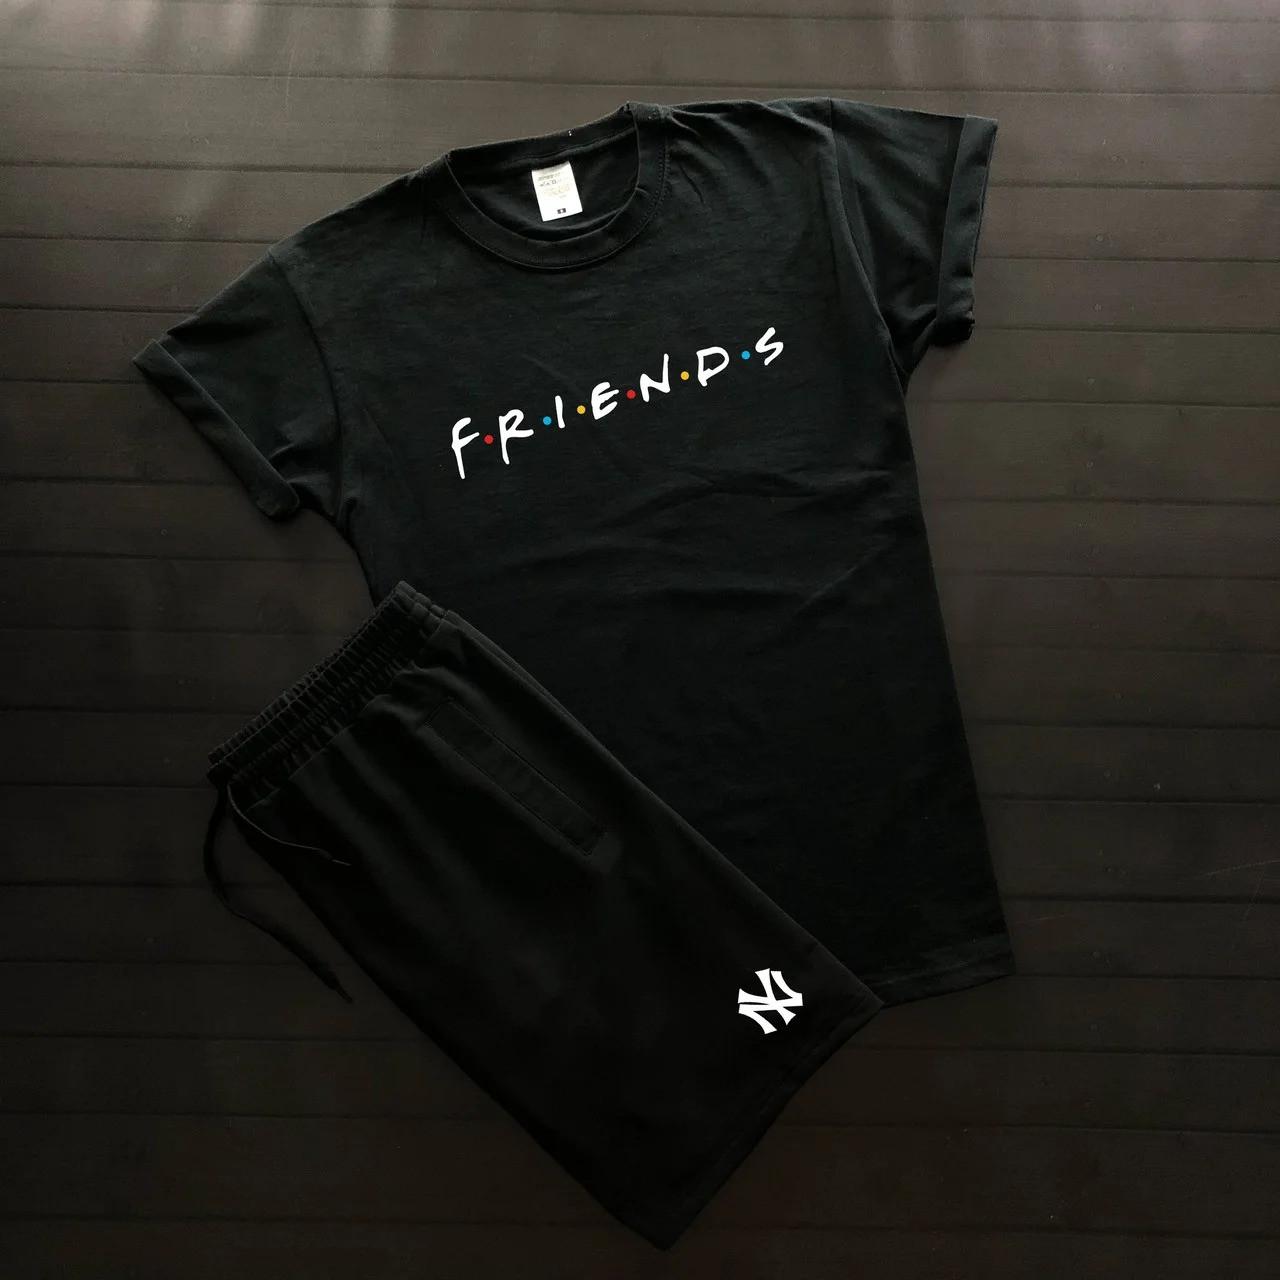 Футболка и шорты Friends черного цвета